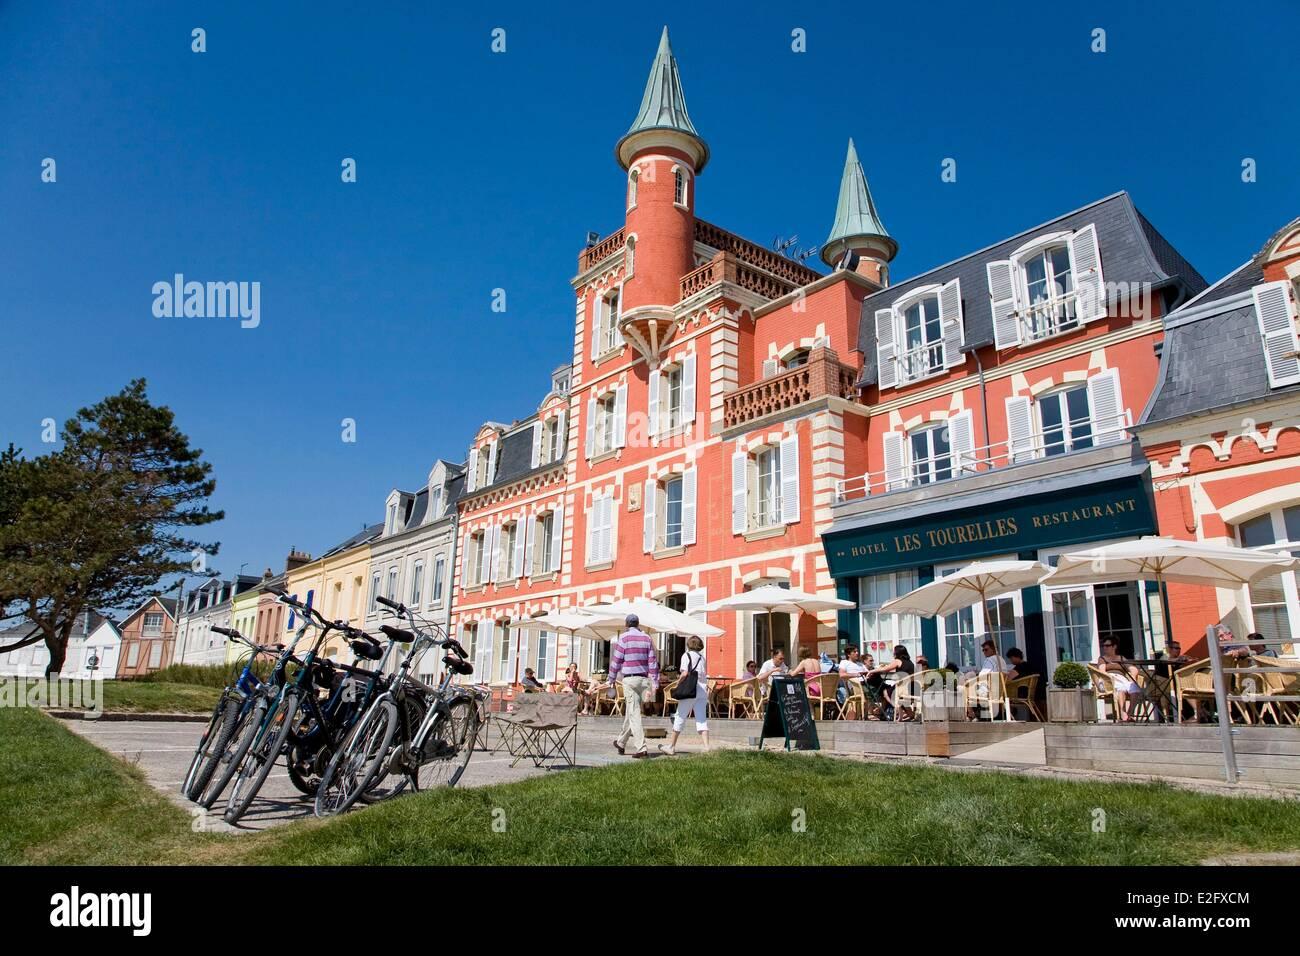 France somme baie de somme le crotoy les tourelles hotel - Baie de somme chambre d hote ...